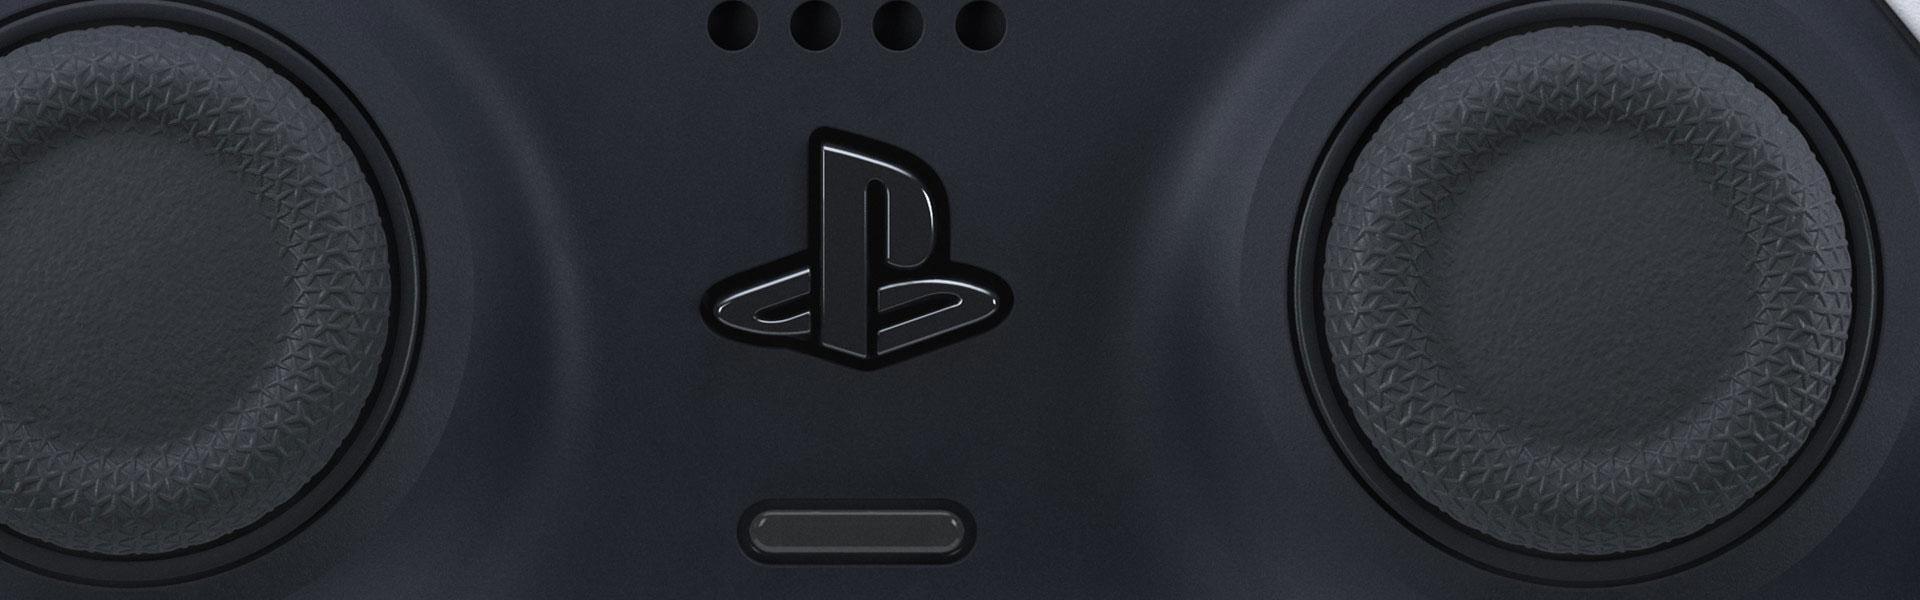 DualSense: impressioni e differenze con il DualShock